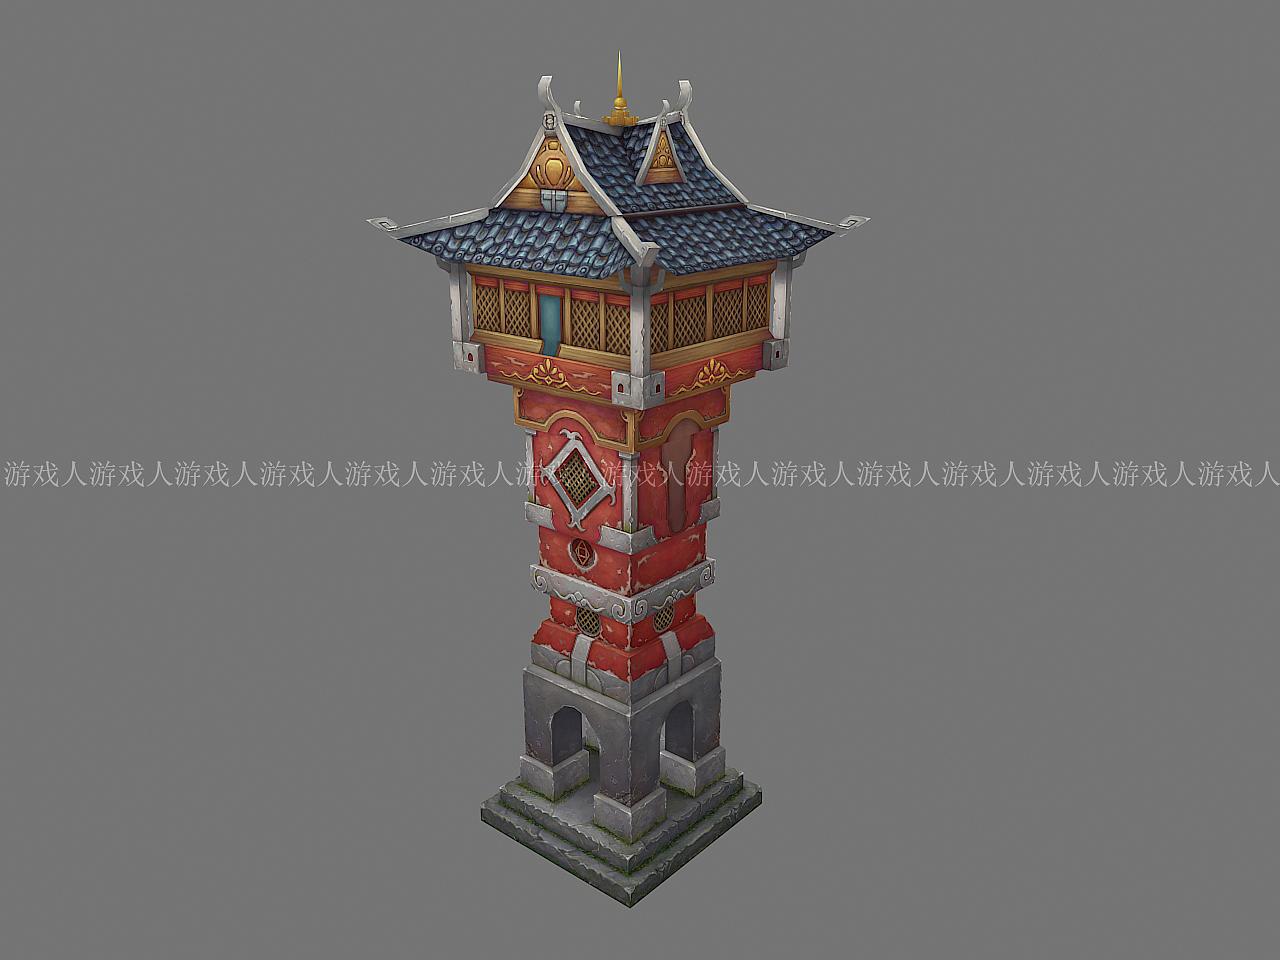 中式古代建筑,游戏场景建模及贴图绘制.